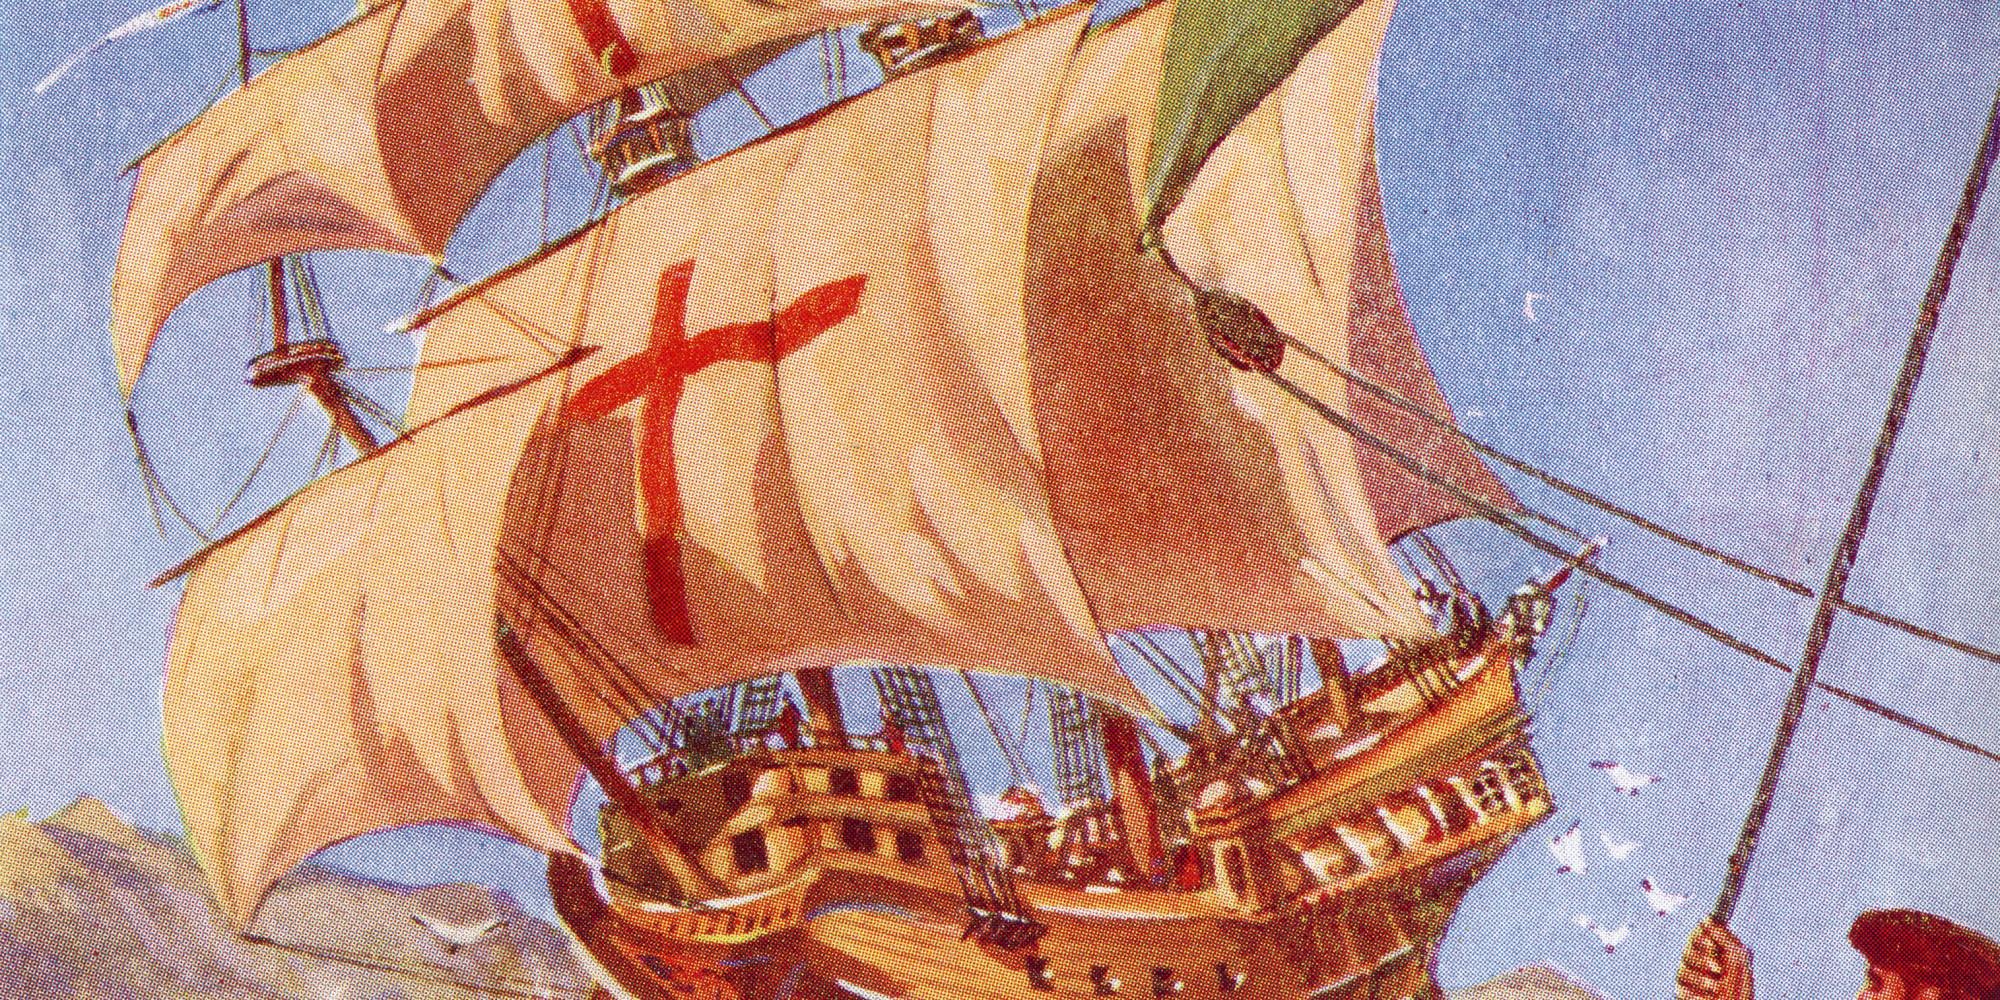 Christopher Columbus' Ship, The Santa Maria, May Have Been ...